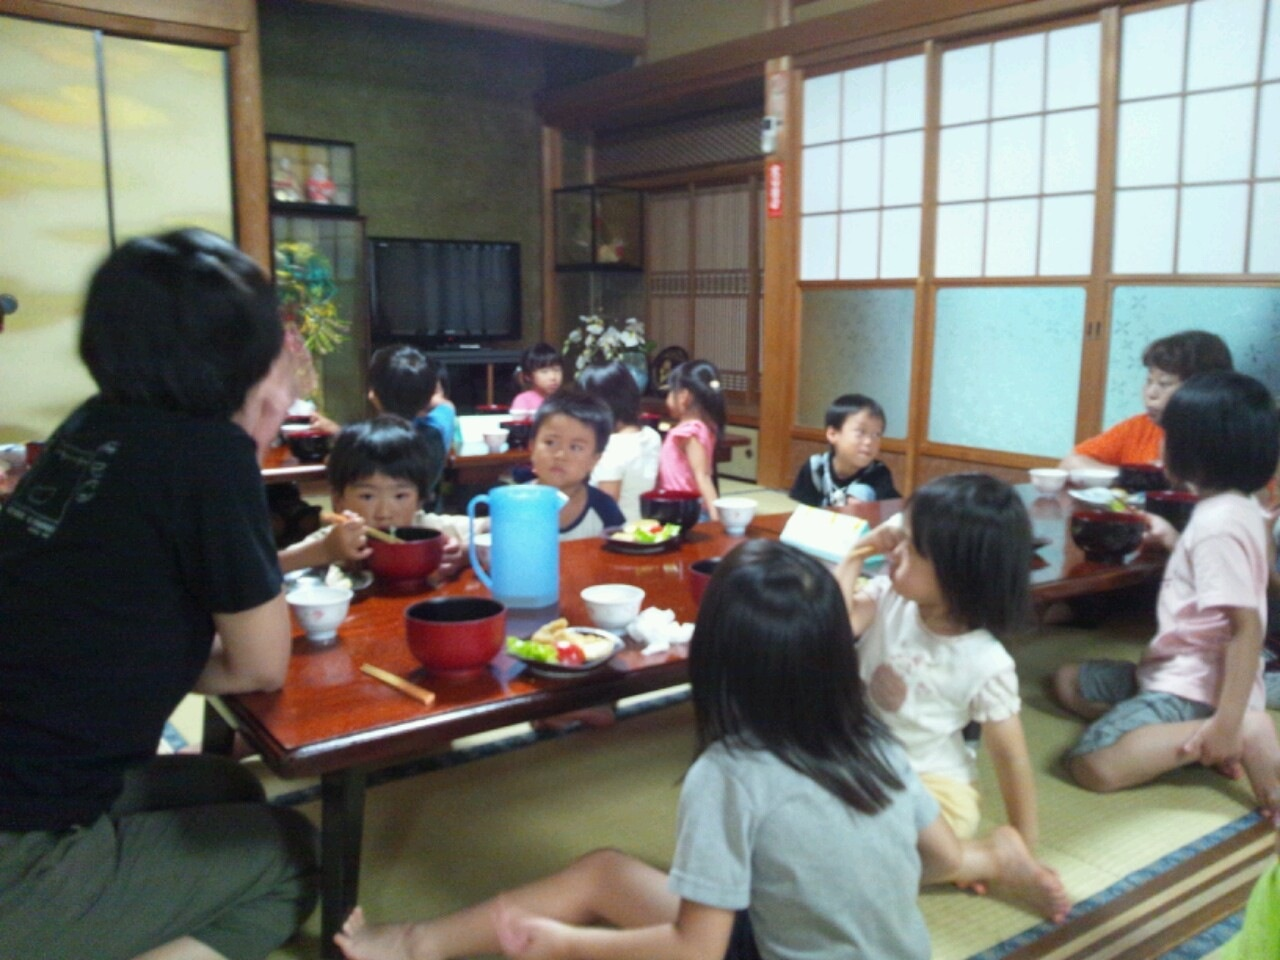 海合宿10 福井県や民宿の方ともさよならの時間です_c0151262_14191038.jpg